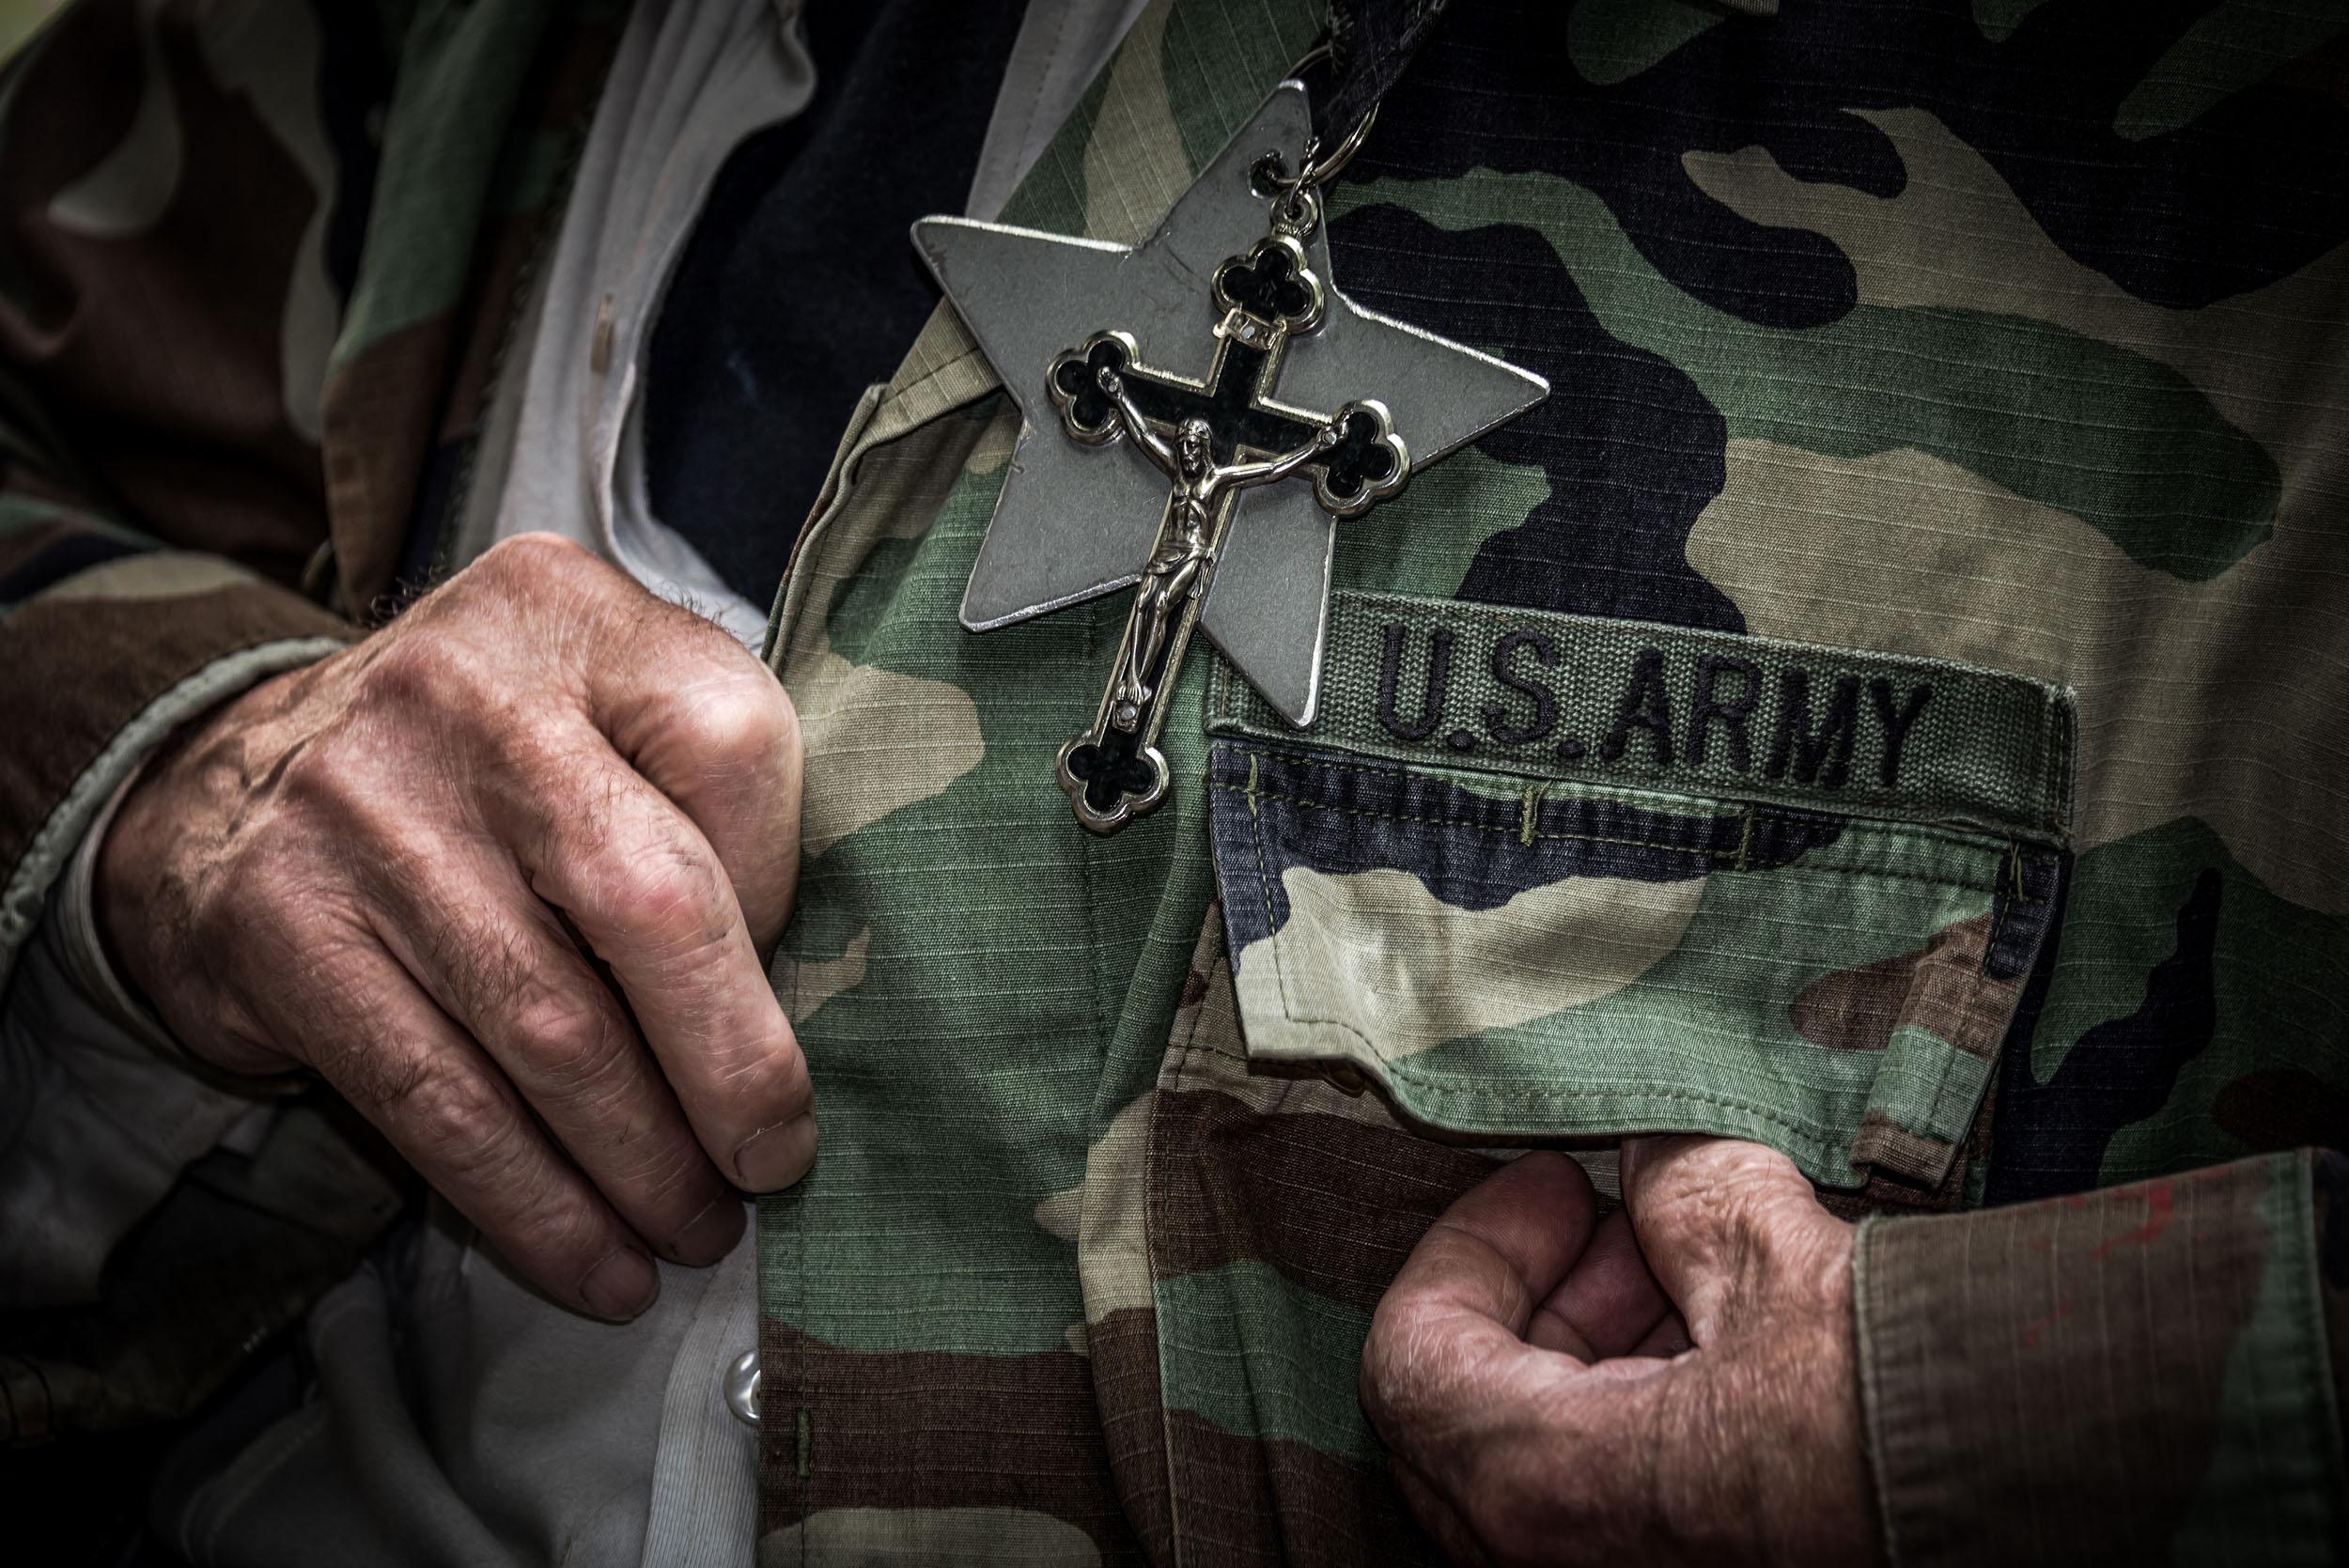 Ein Tarnanzug, ein Kreuz, die US-Army: Erinnerungsstücke, die ein restliches Leben gerade so zusammenhalten.